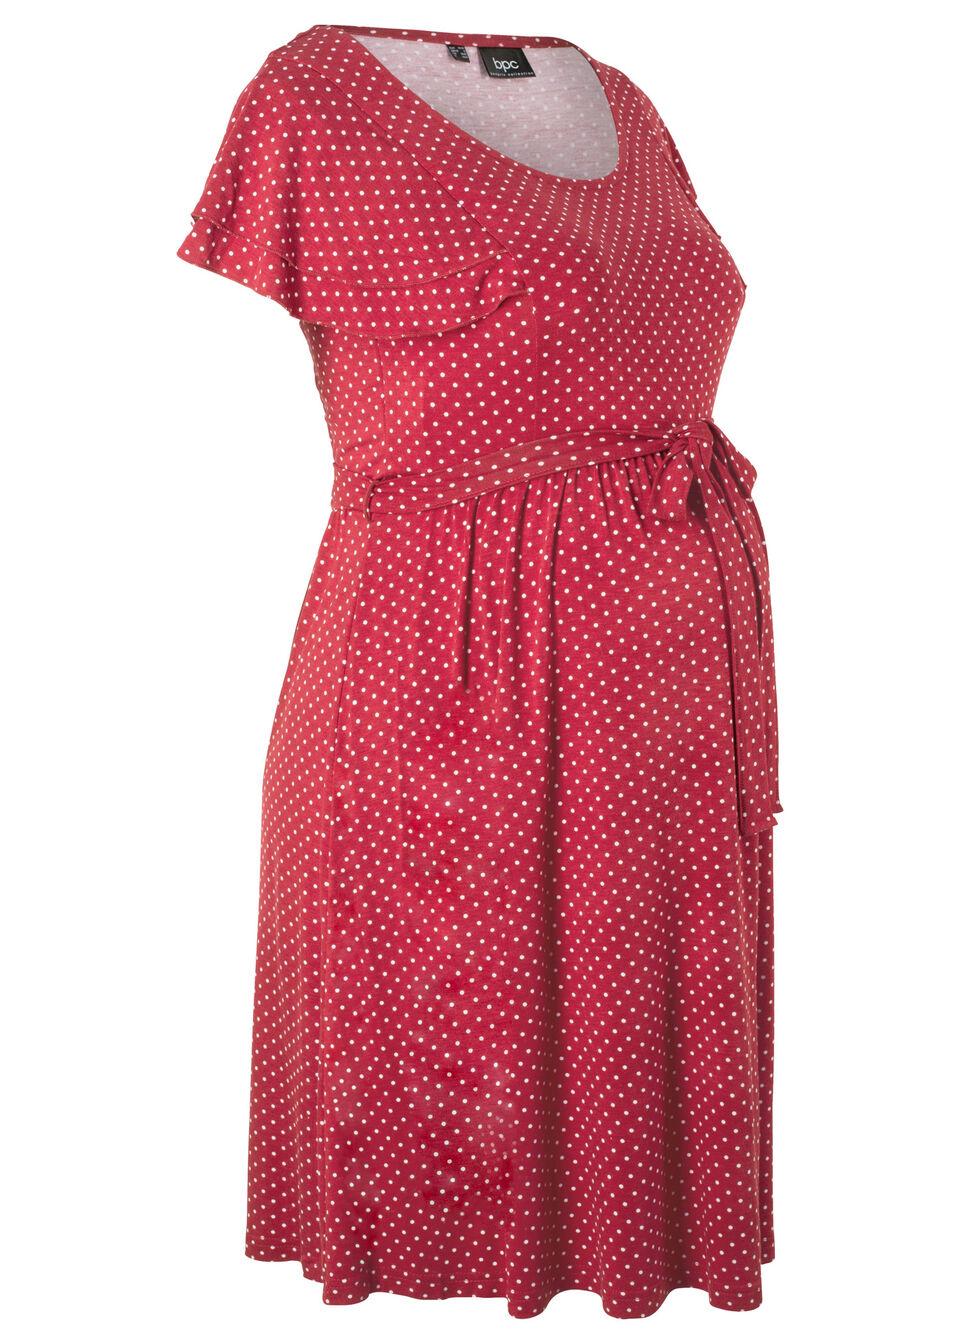 Купить Для будущих мам: трикотажное платье, bonprix, темно-бордовый в горошек